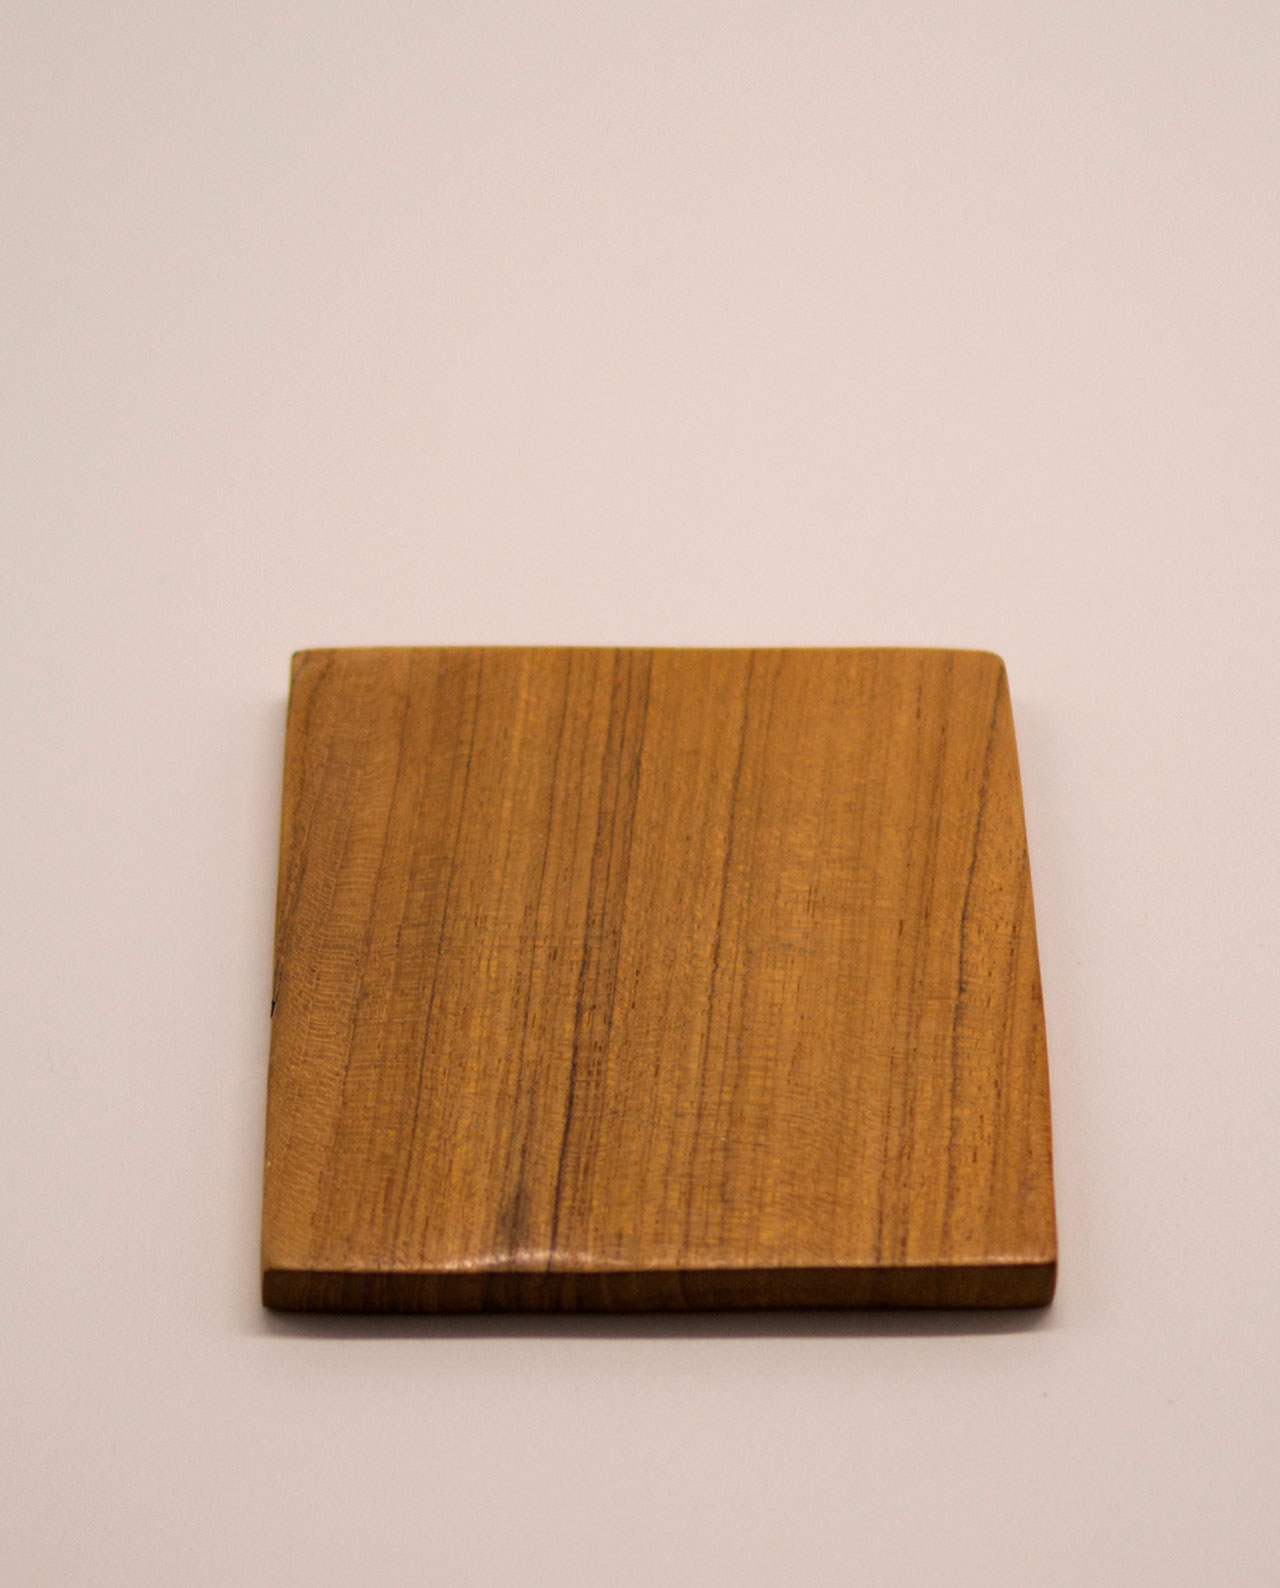 Σουβέρ Τικ ξύλο τετράγωνο 10 cm χ10 cm